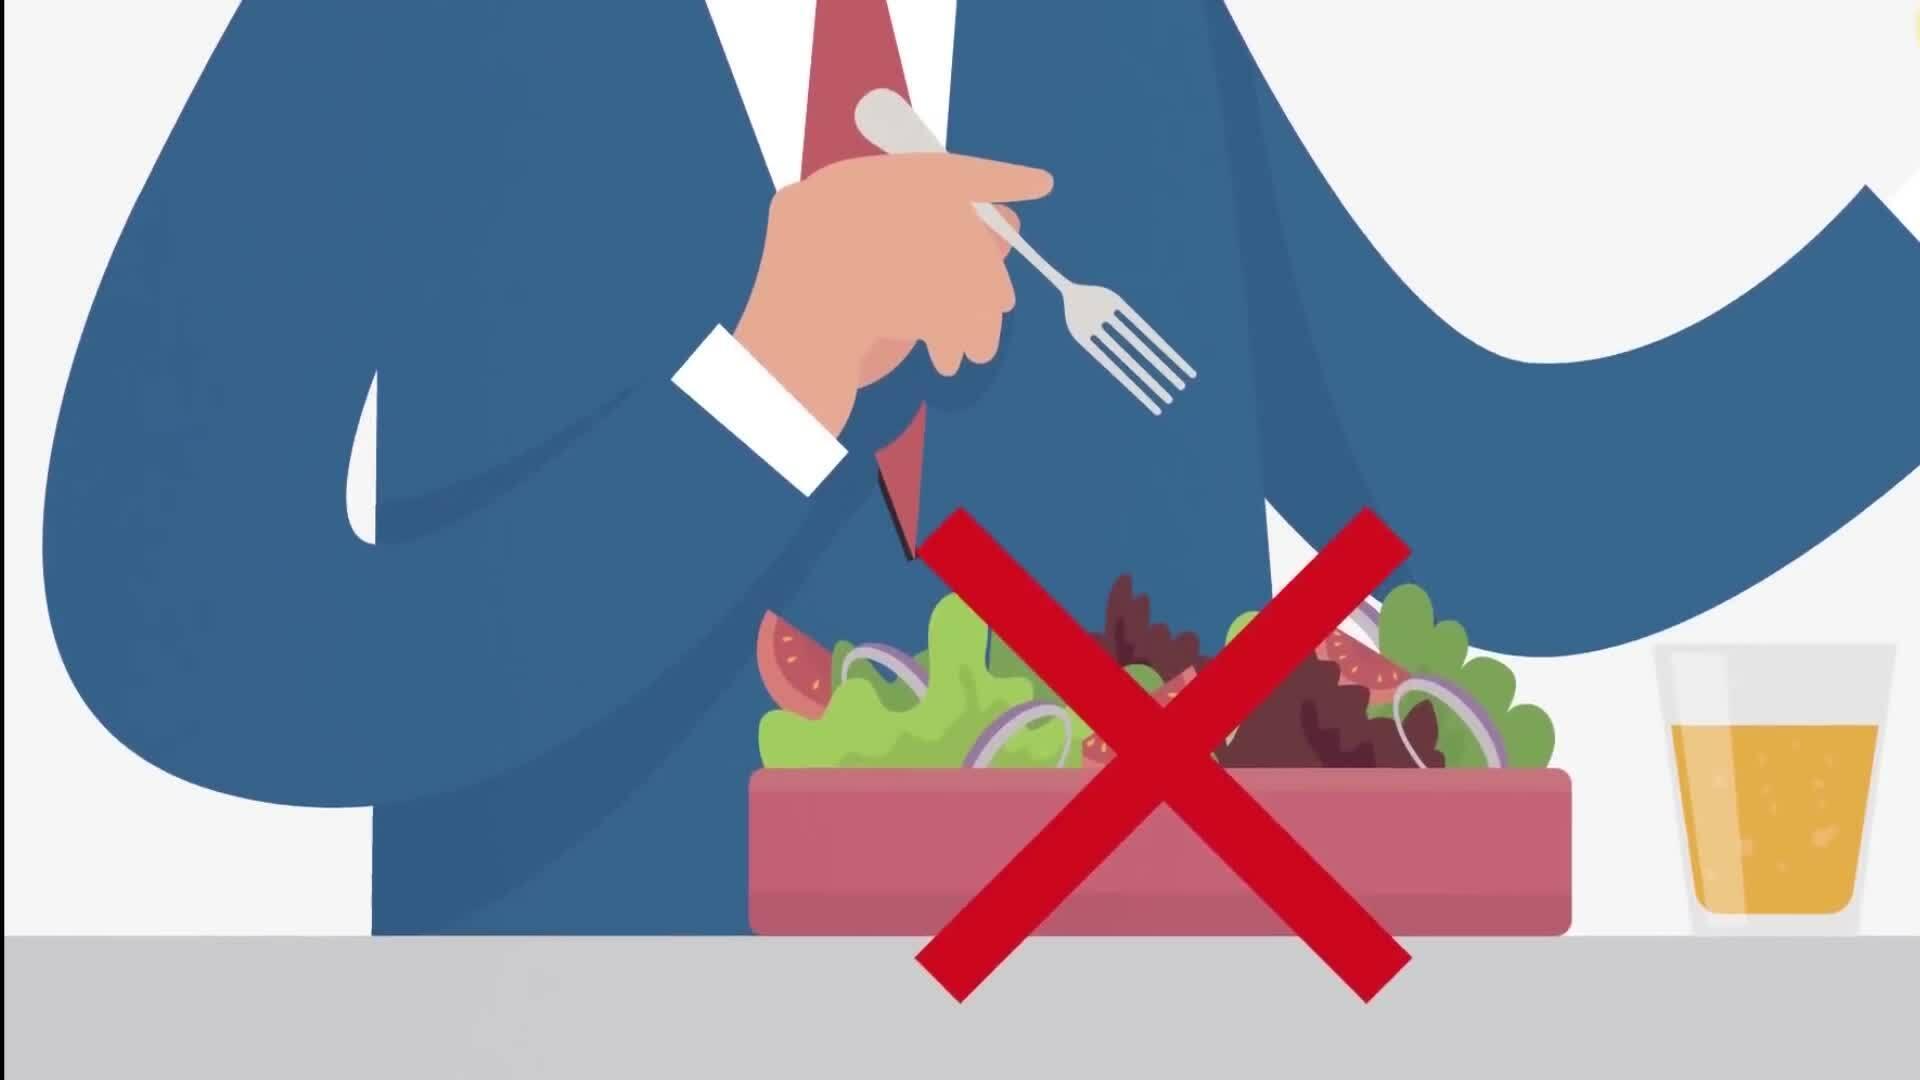 Điều gì sẽ xảy ra khi bạn nhịn ăn một ngày?